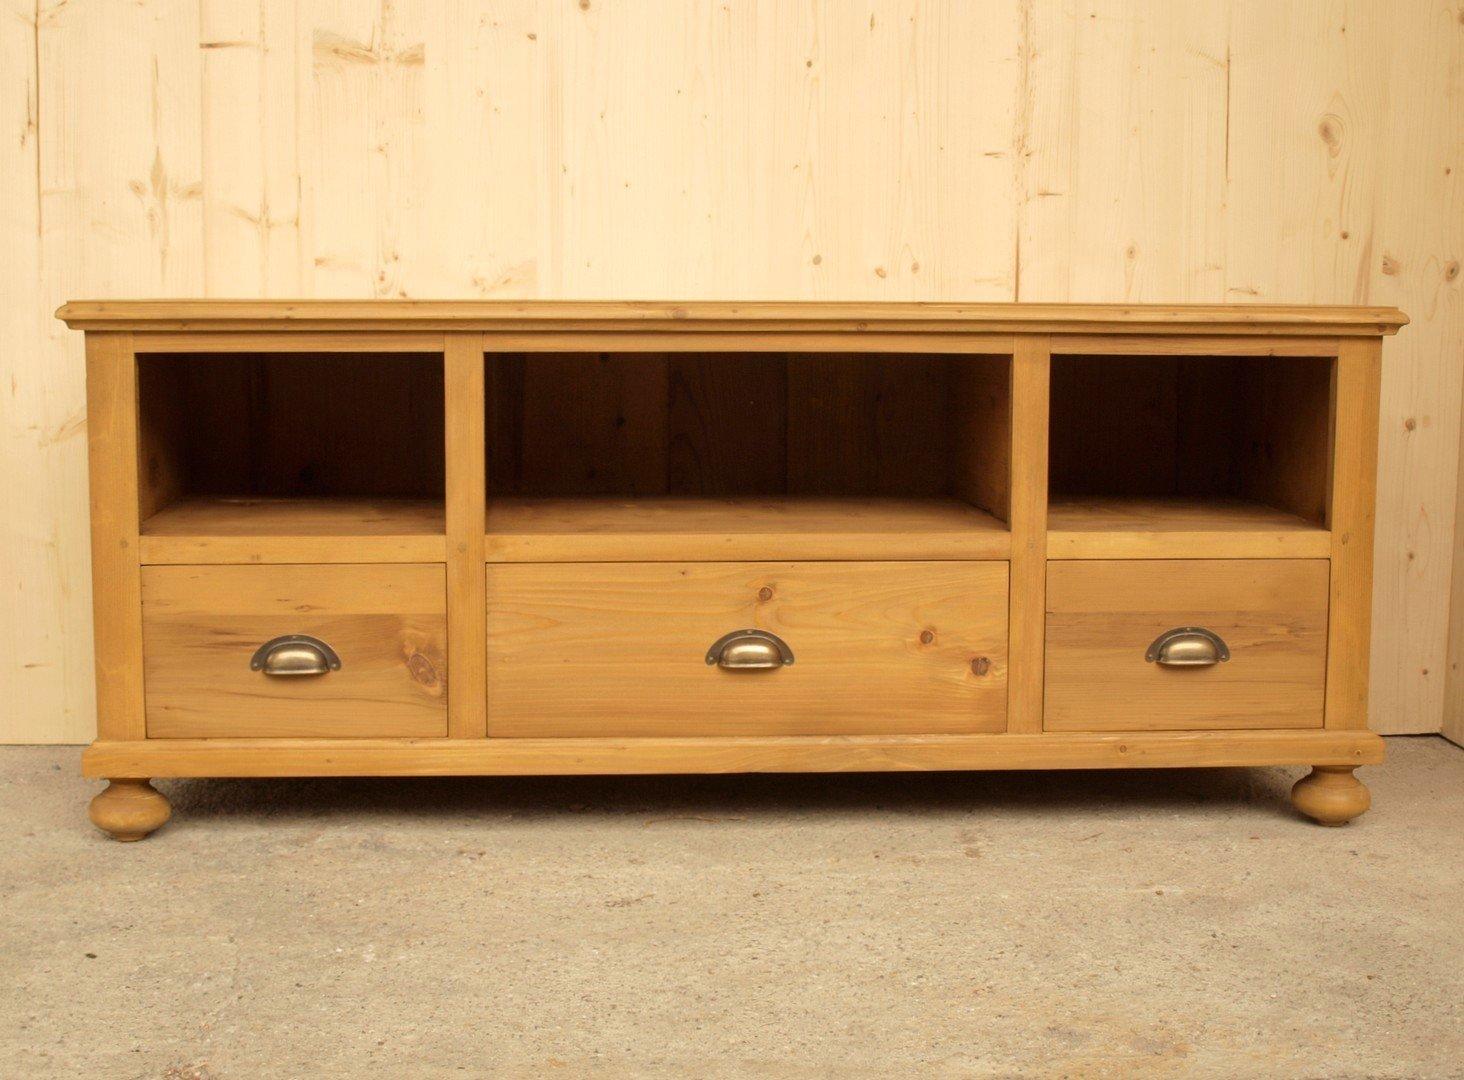 Fernsehschrank Massivholzmöbel Fichte Nachbau aus altem ...